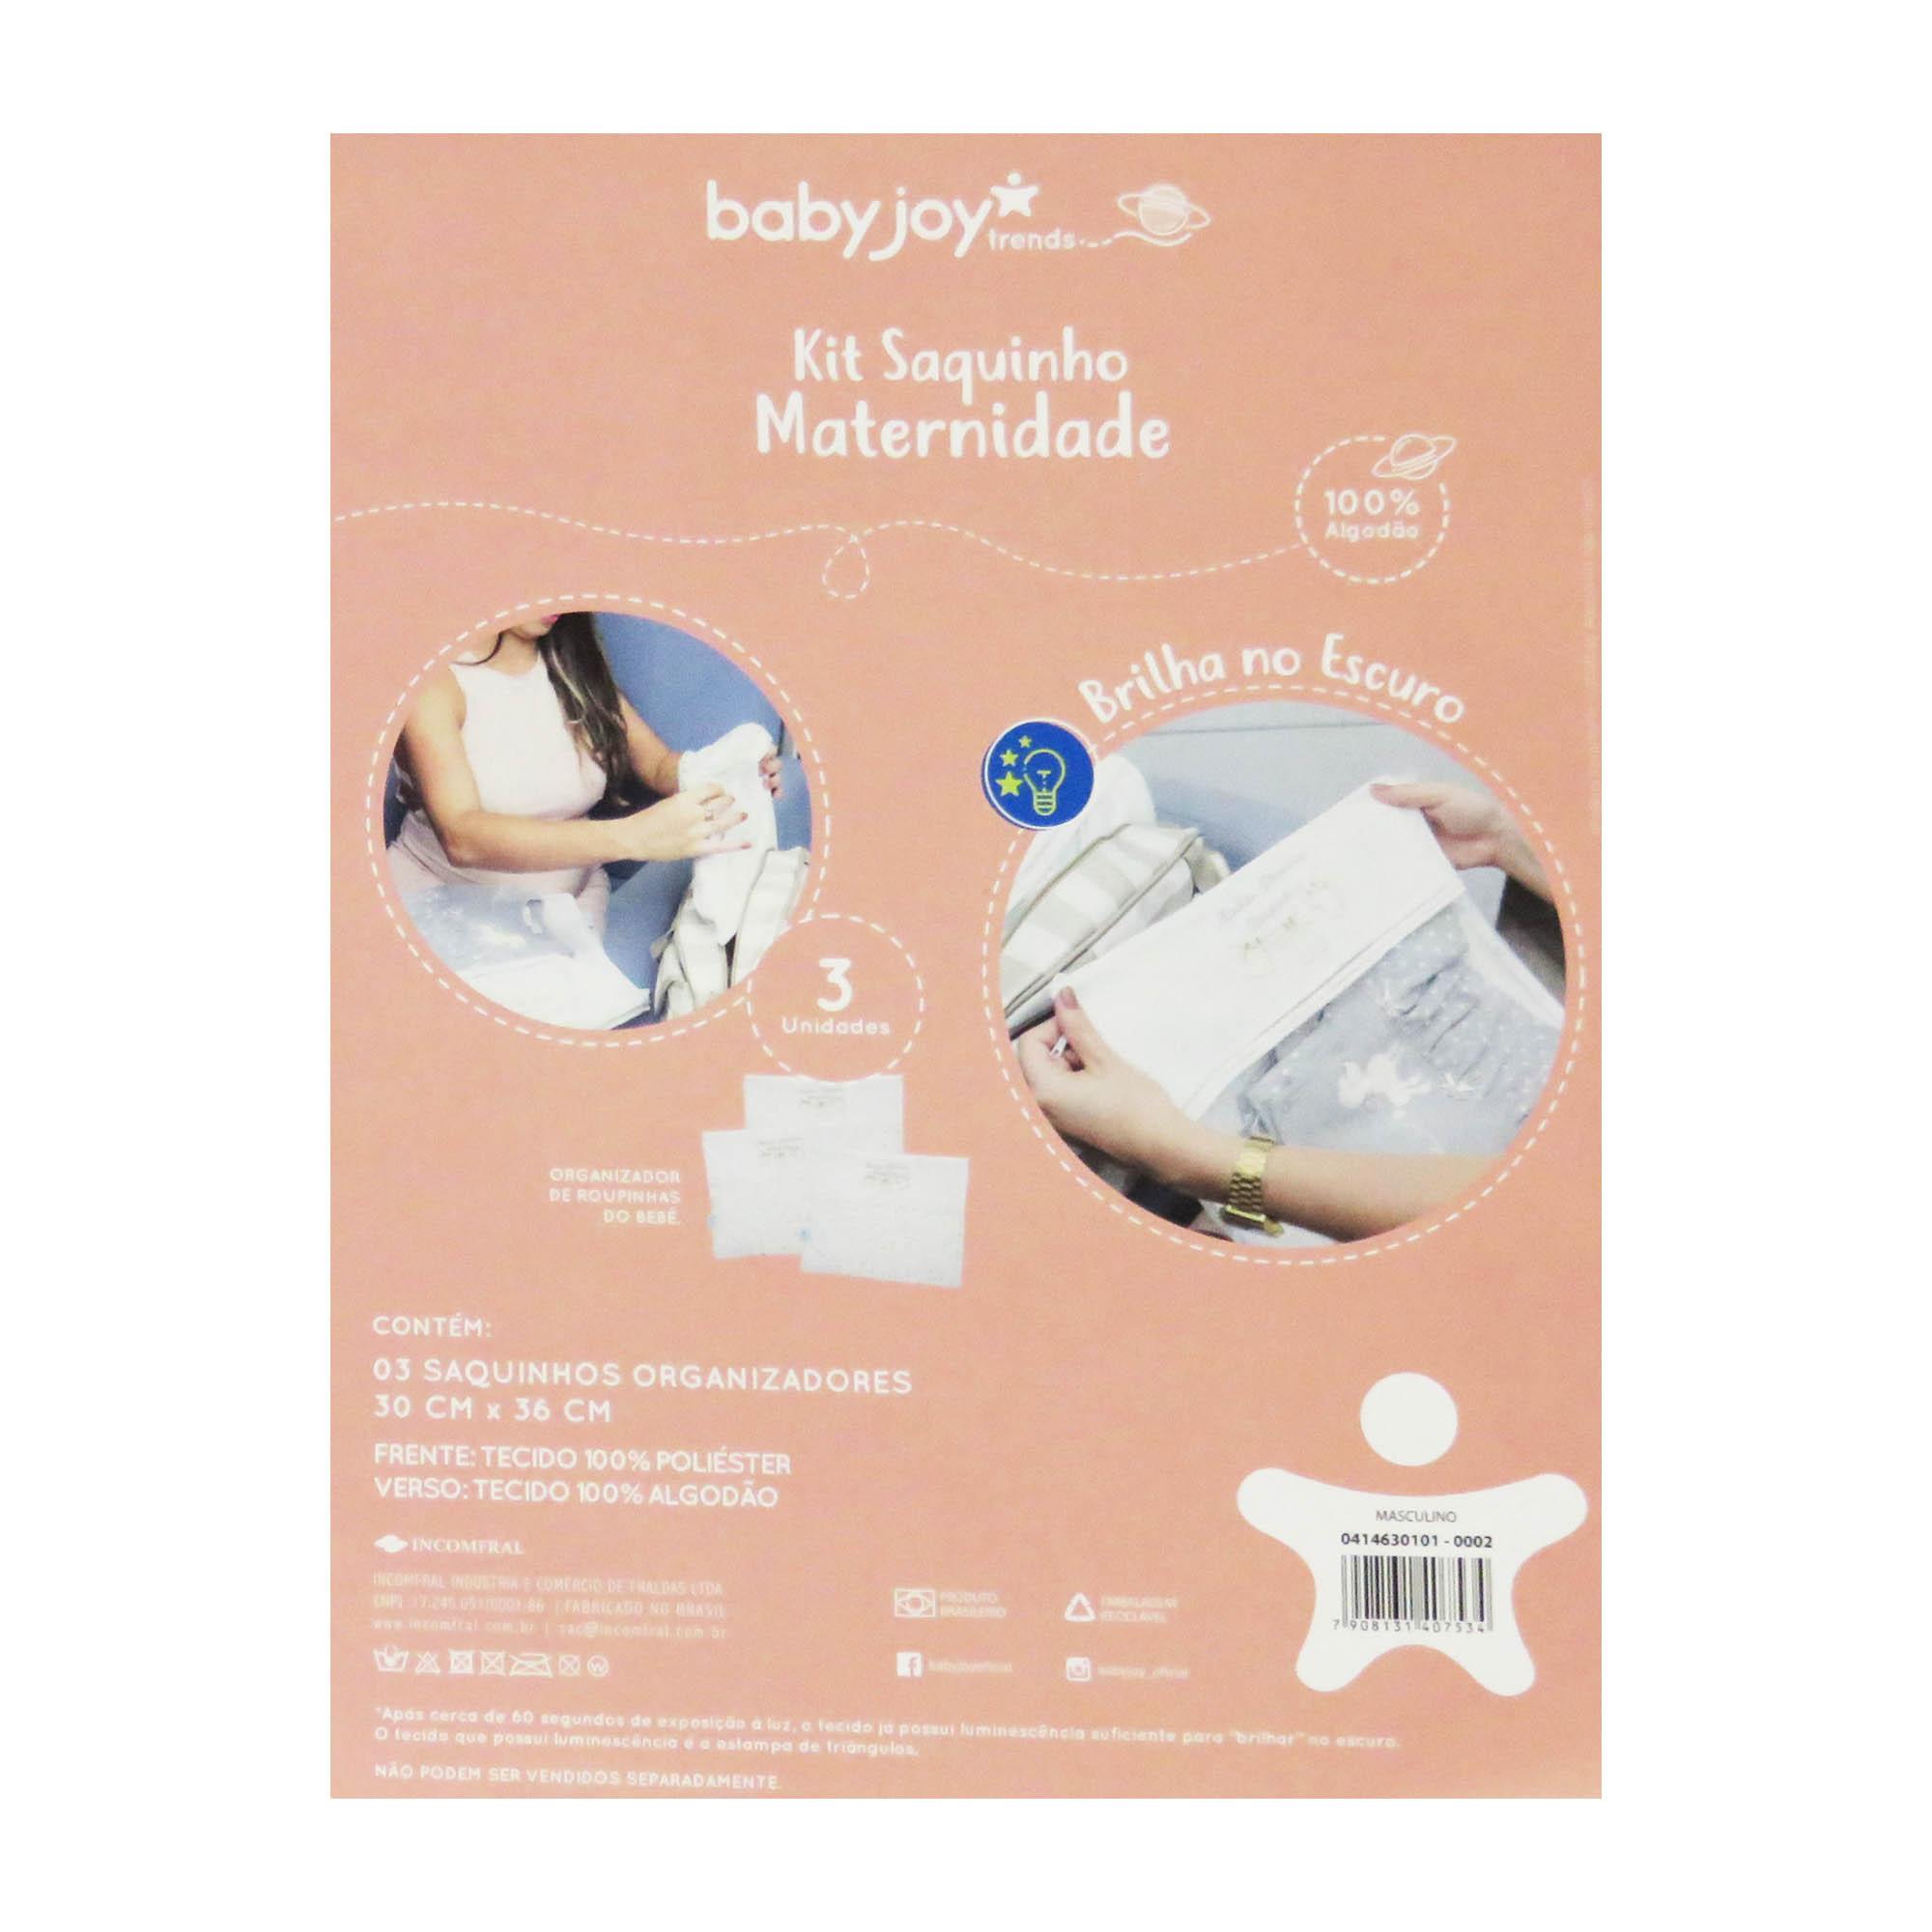 Kit Saquinho Maternidade Incomfral Babyjoy - Azul